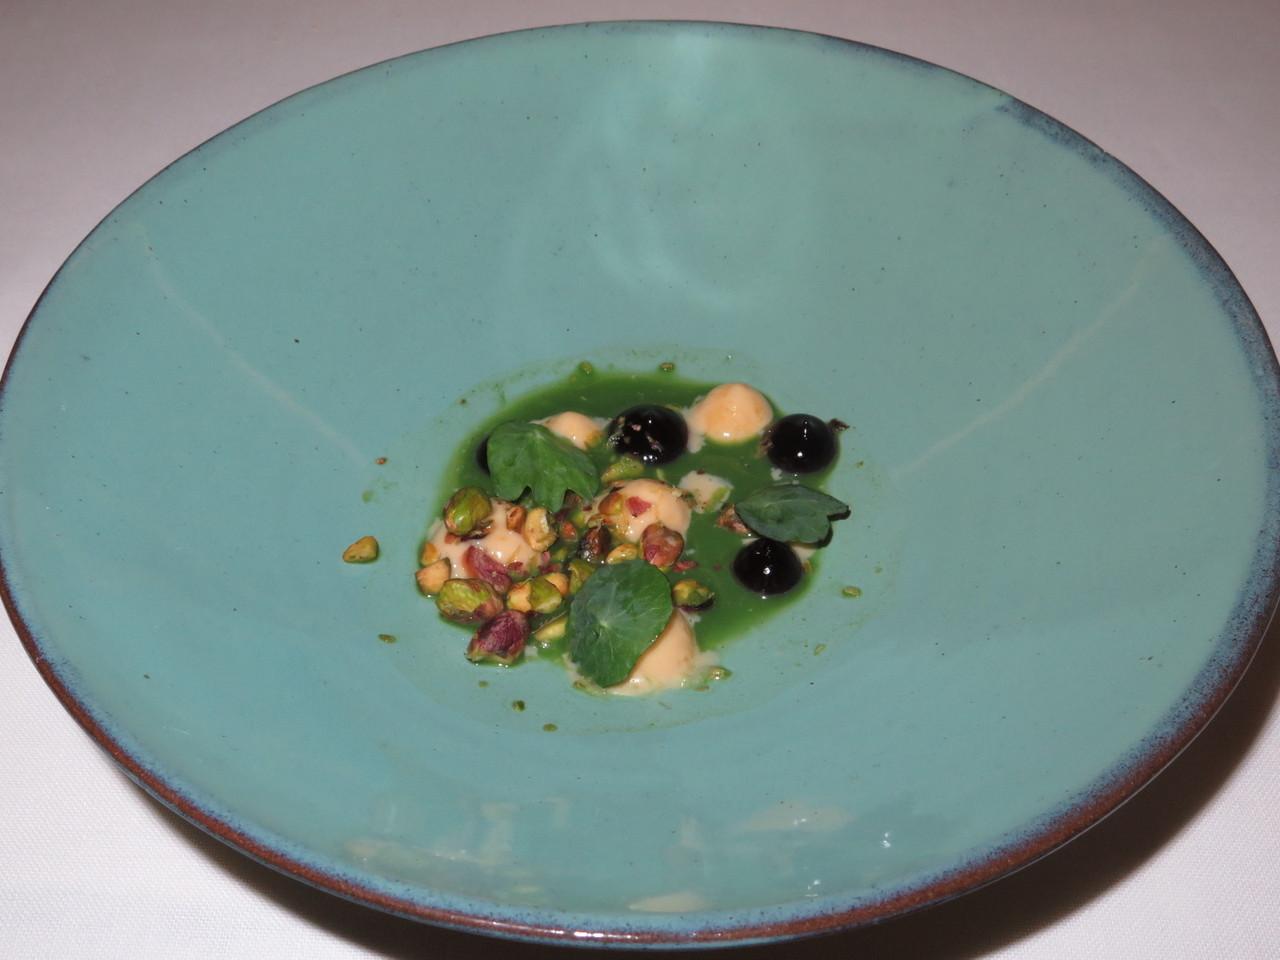 Leite creme de foie gras, com puré de cereja do Fundão e jus de coentros